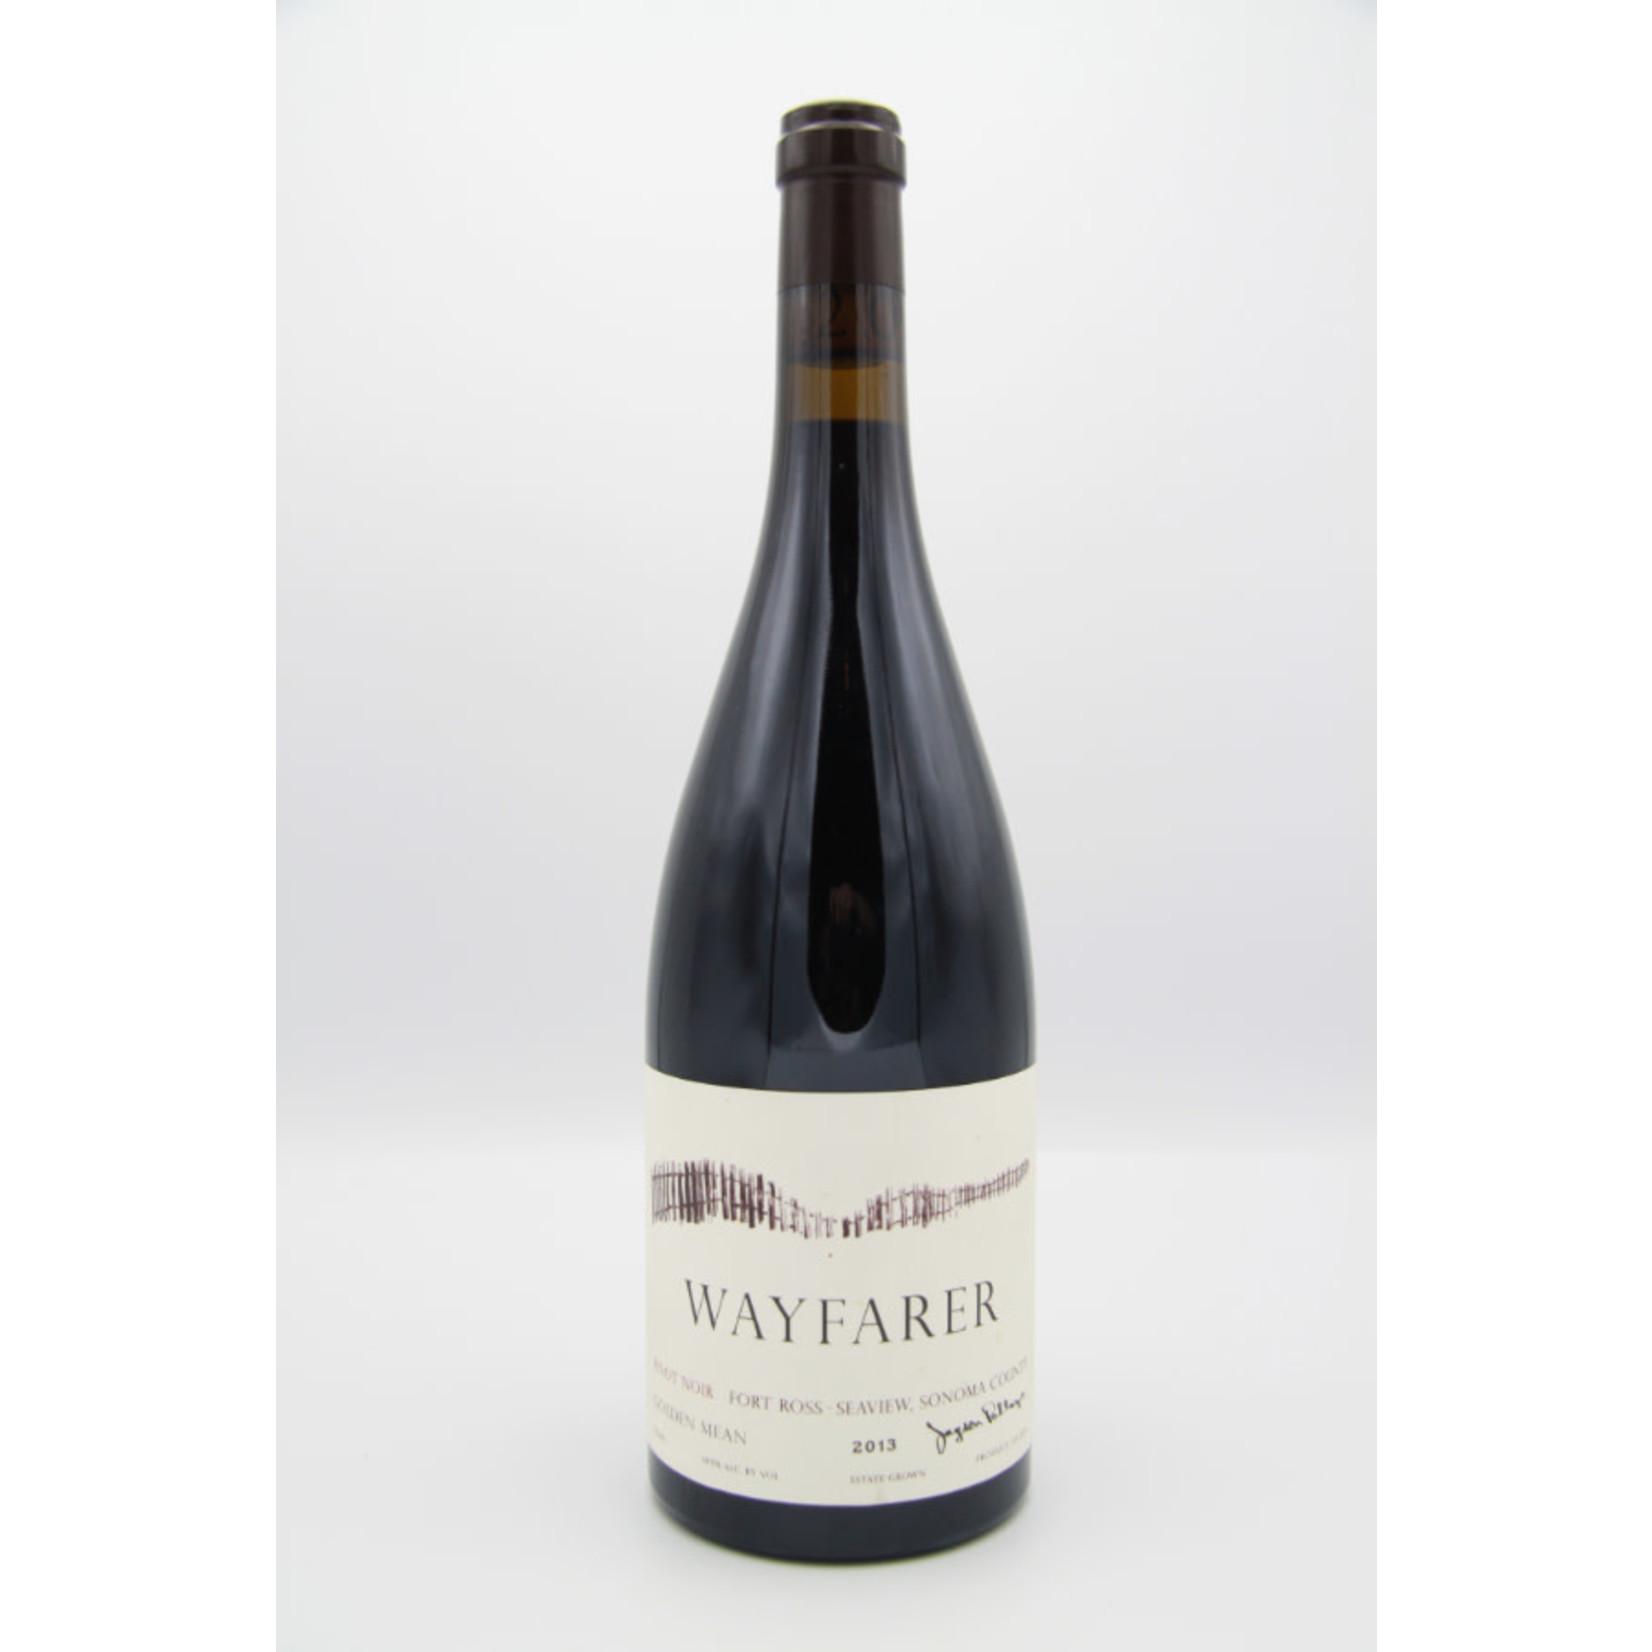 2013 Wayfarer 'Golden Mean' Pinot Noir